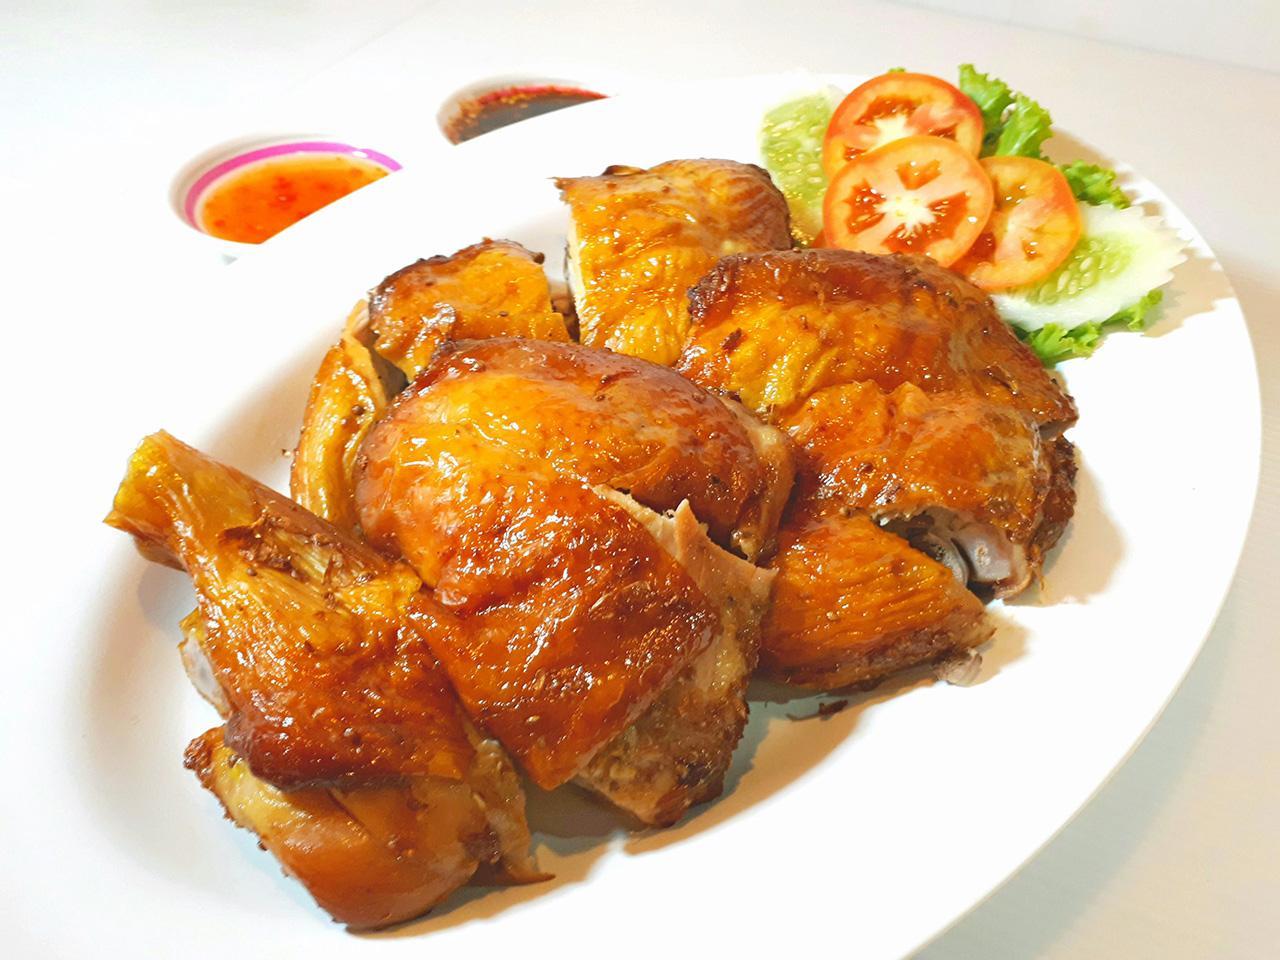 ไก่ย่างเมืองยศเมนูเด็ดและขายดีที่สุดของร้าน.